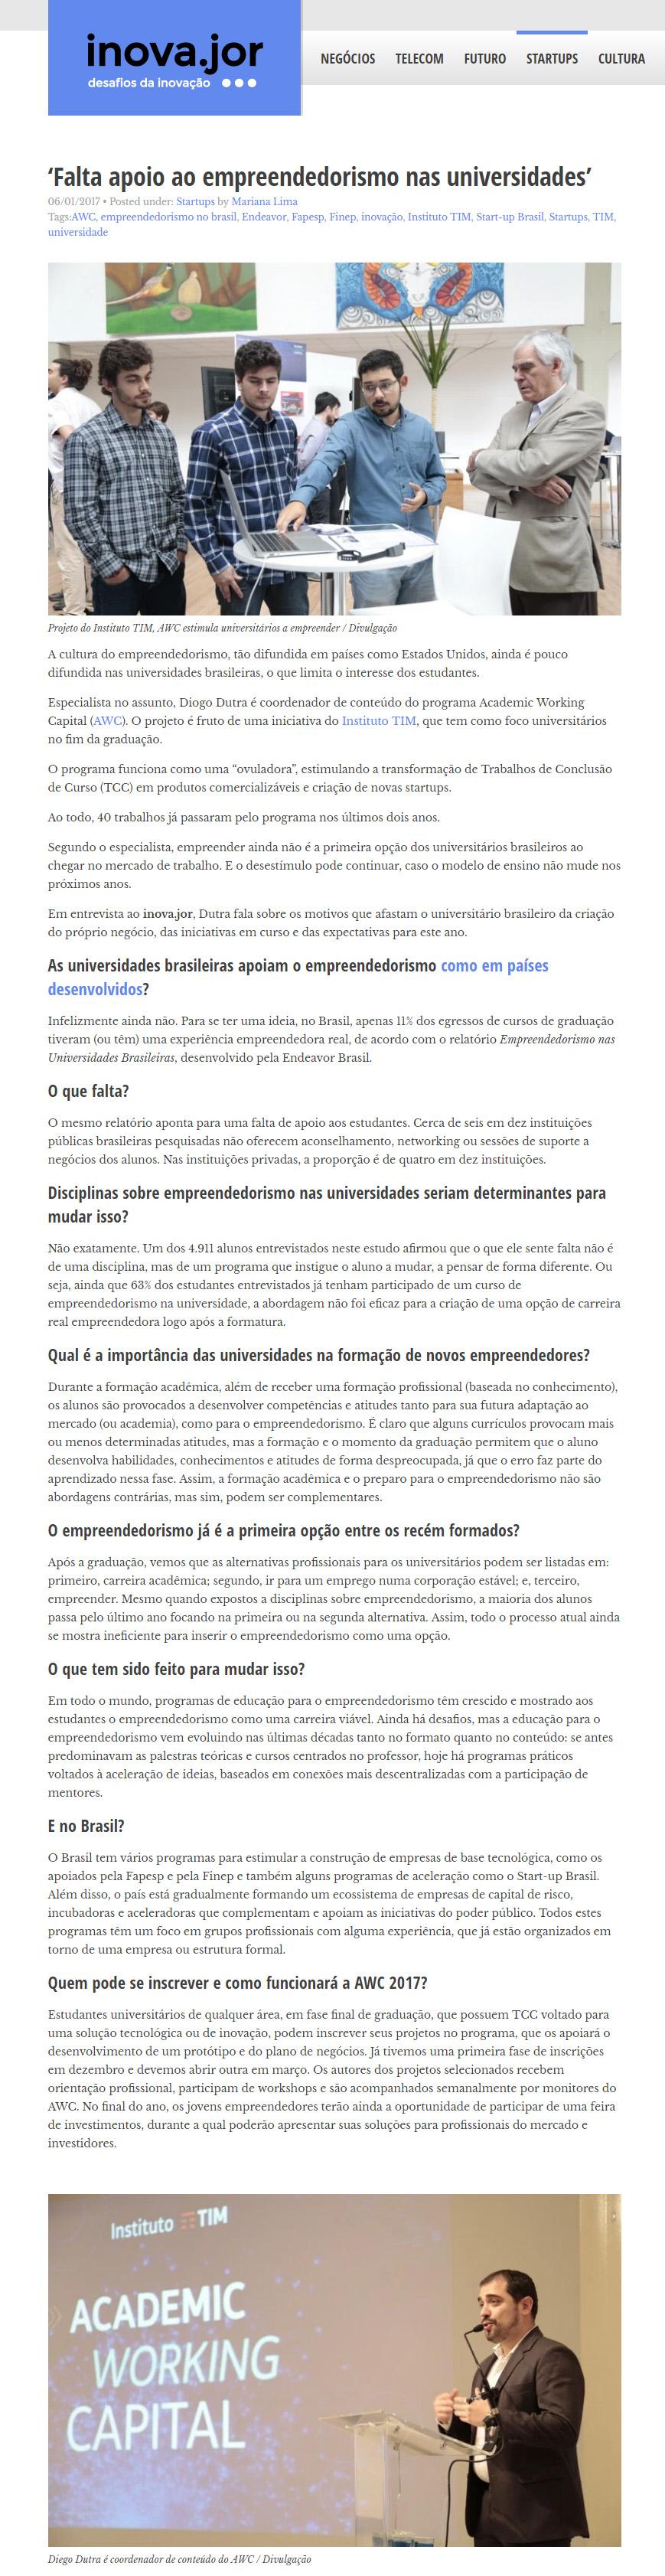 06_01_2017_inovajor_falta-apoio-ao-empreendedorismo-nas-universidades